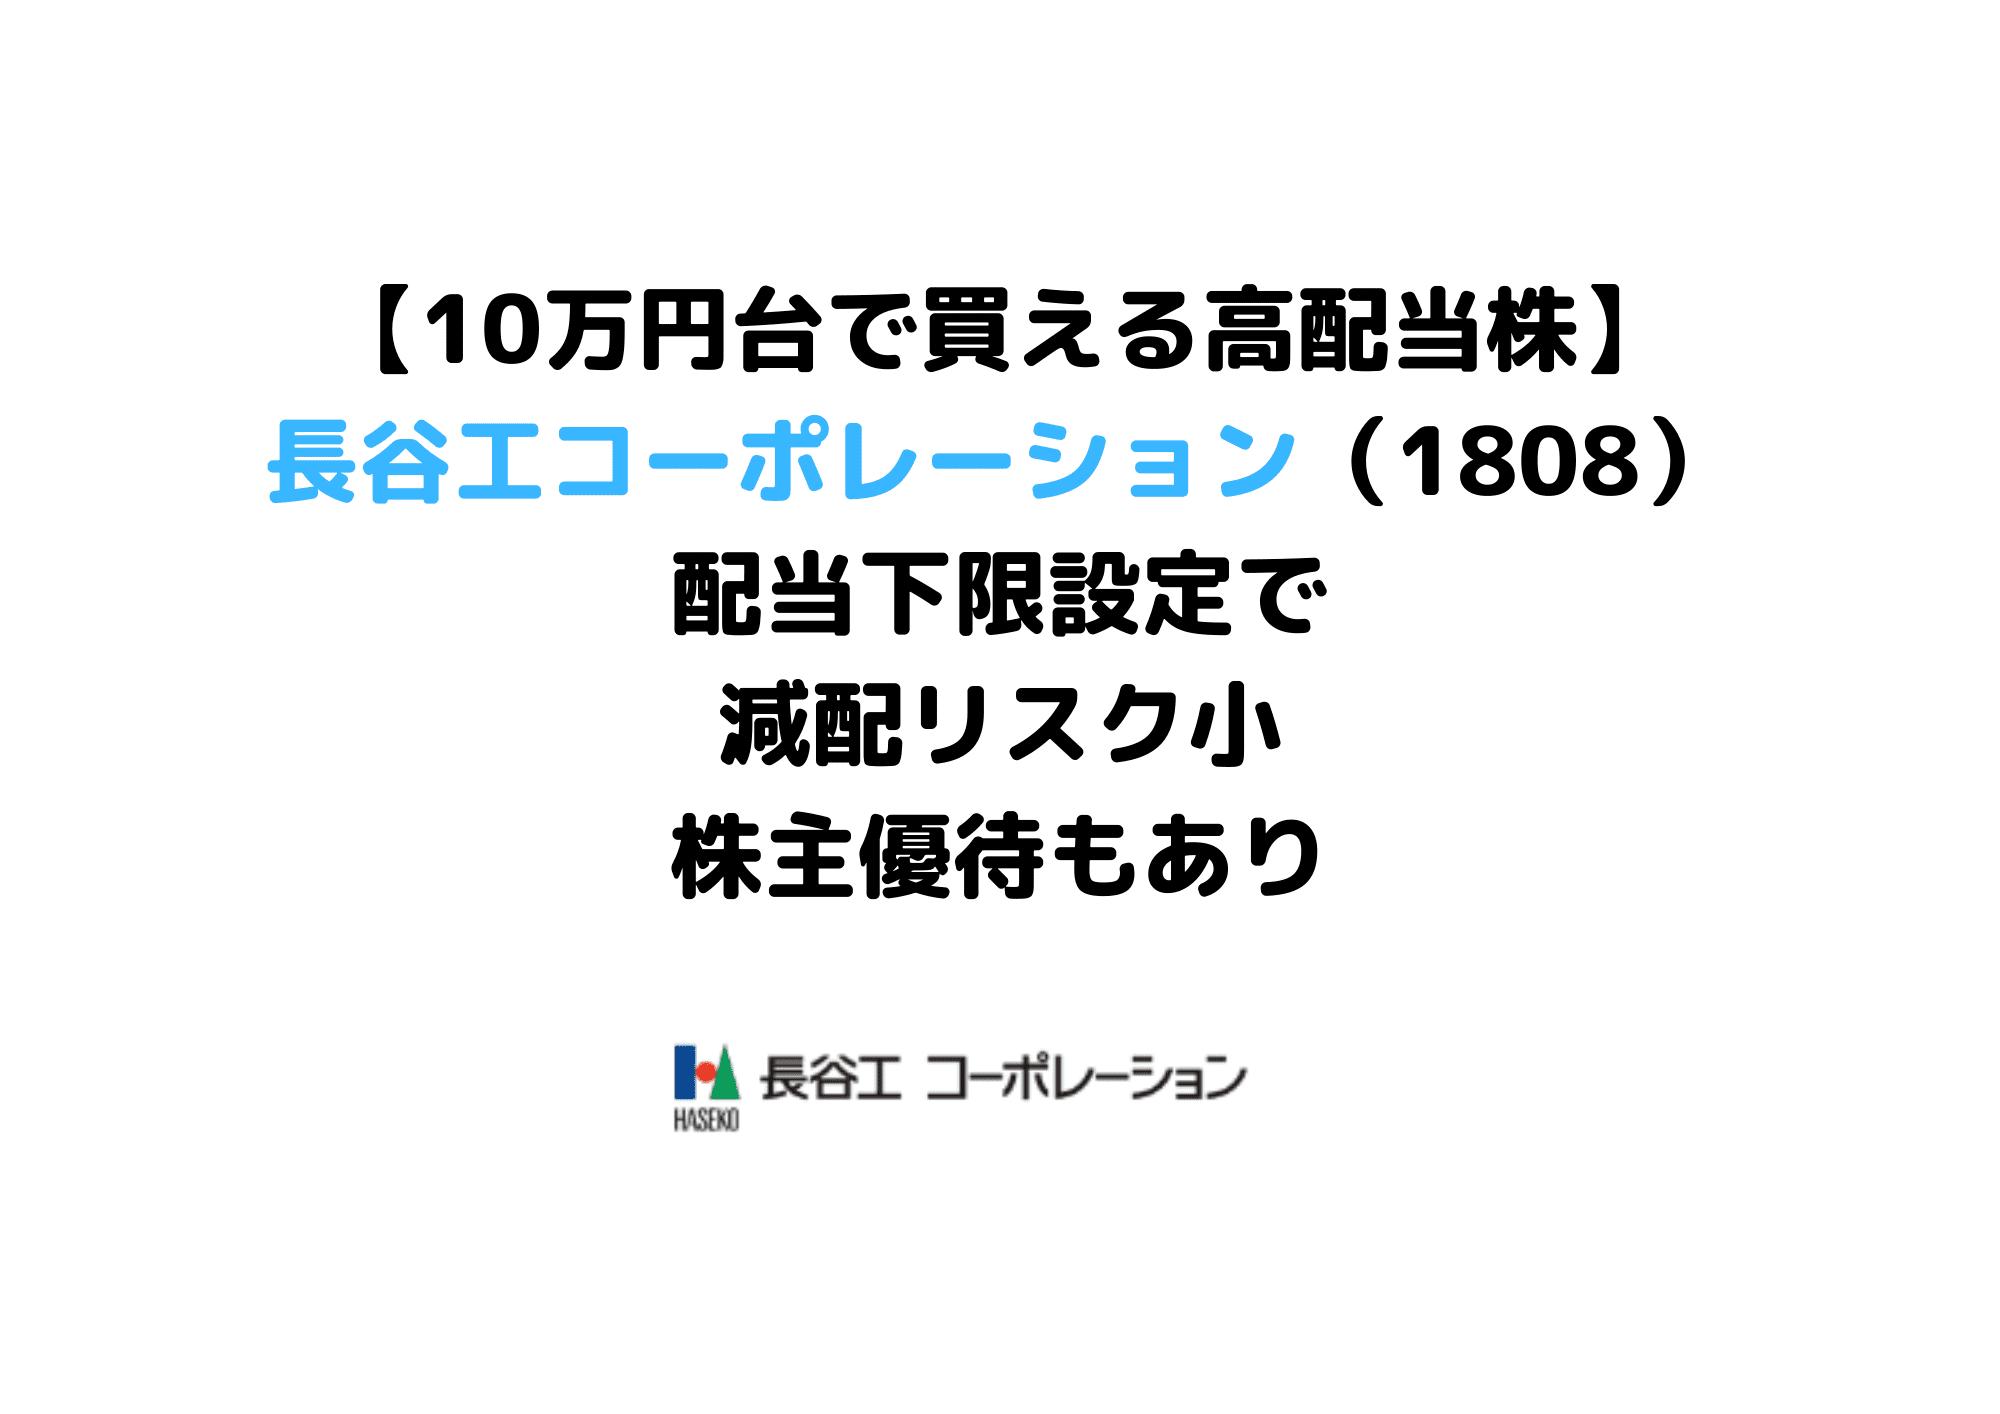 長谷工コーポレーション (1)